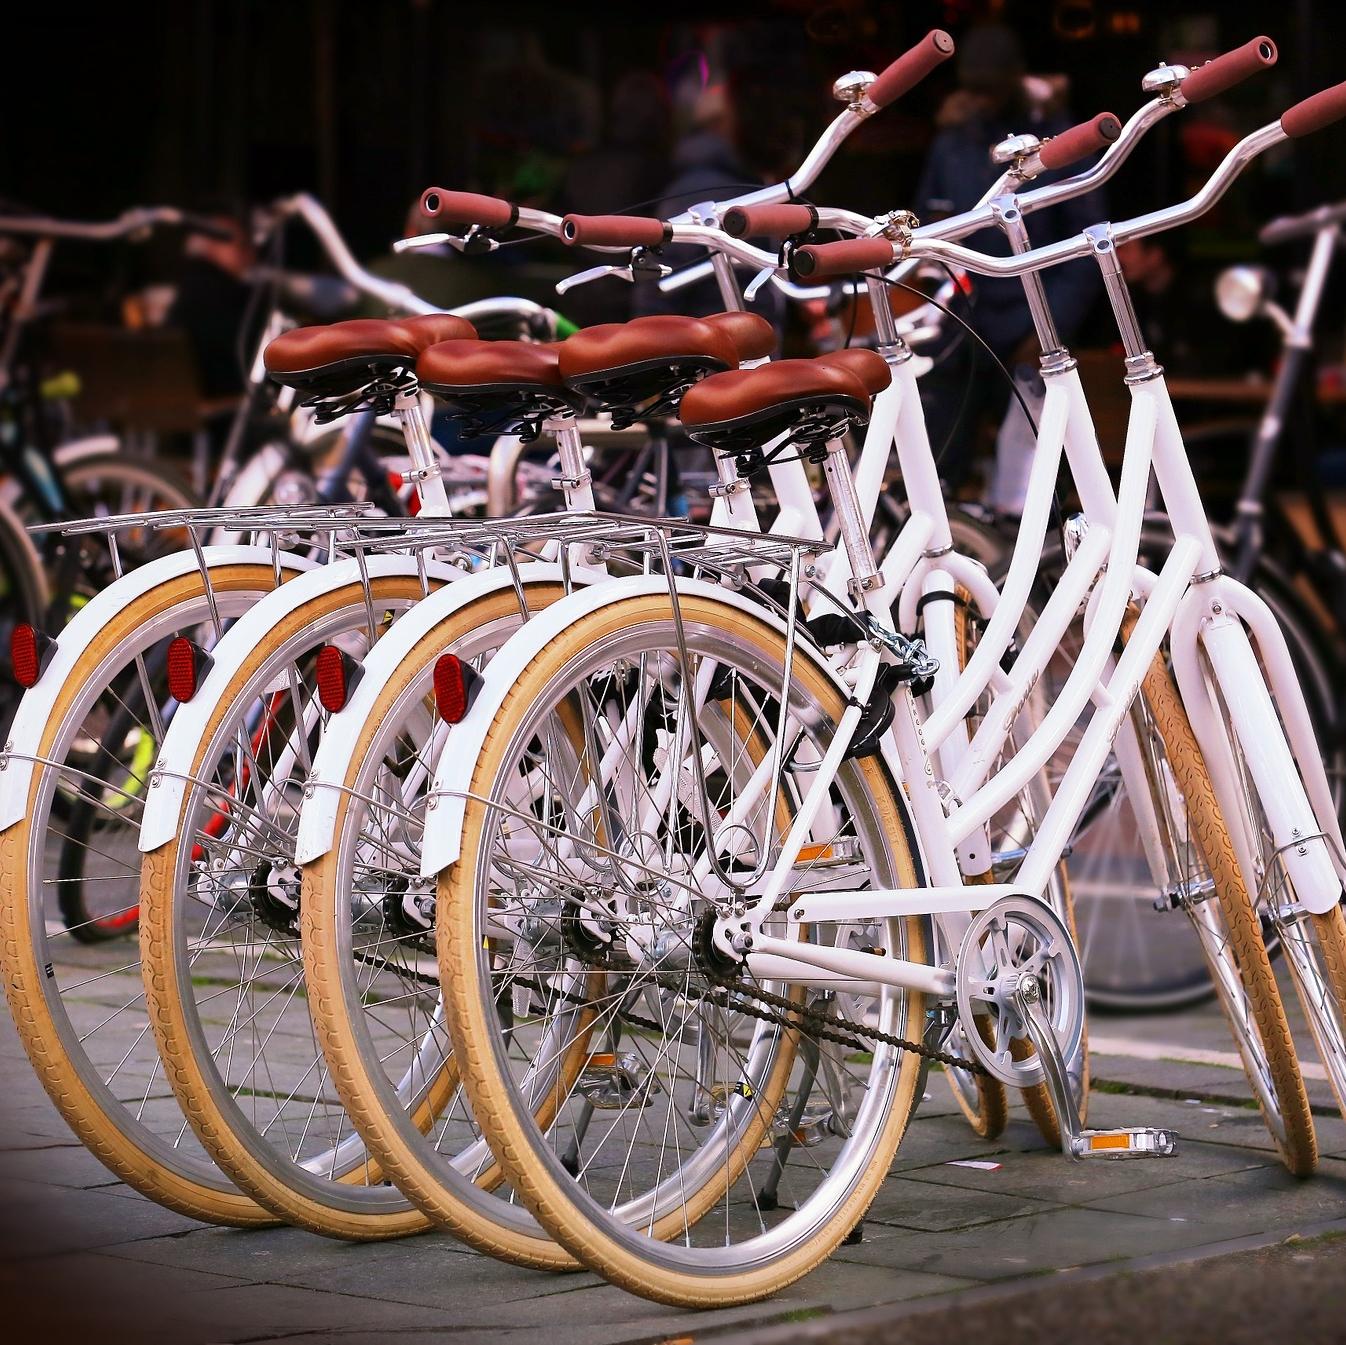 Festival du transport émergent - 18 septembre 2009